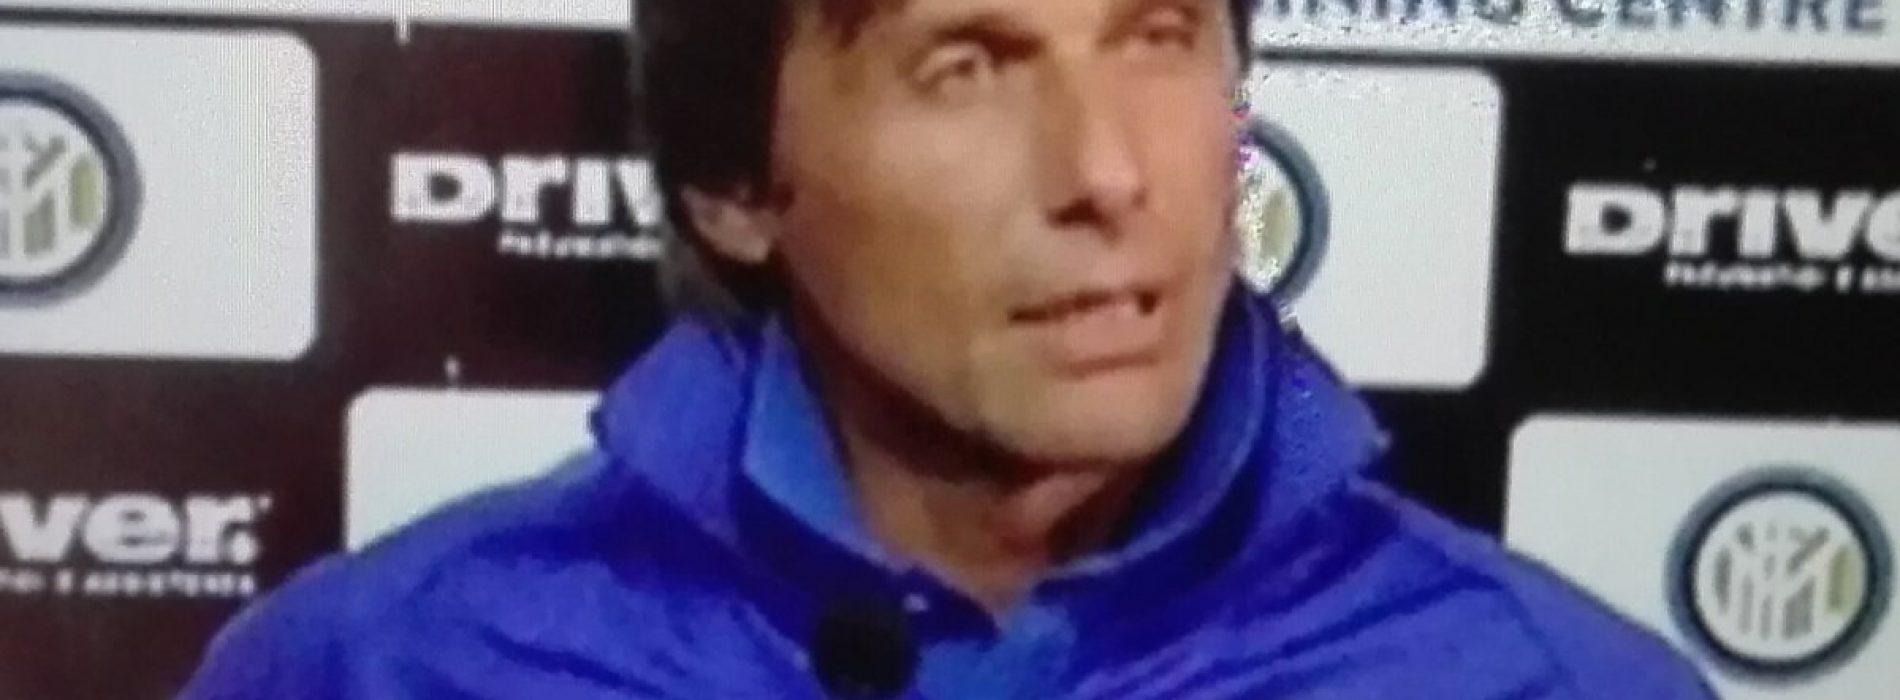 """Inter-Torino, Conte: """"Anno difficile per tutti, spero nell'equilibrio. Eriksen…"""" [TESTO+VIDEO]"""